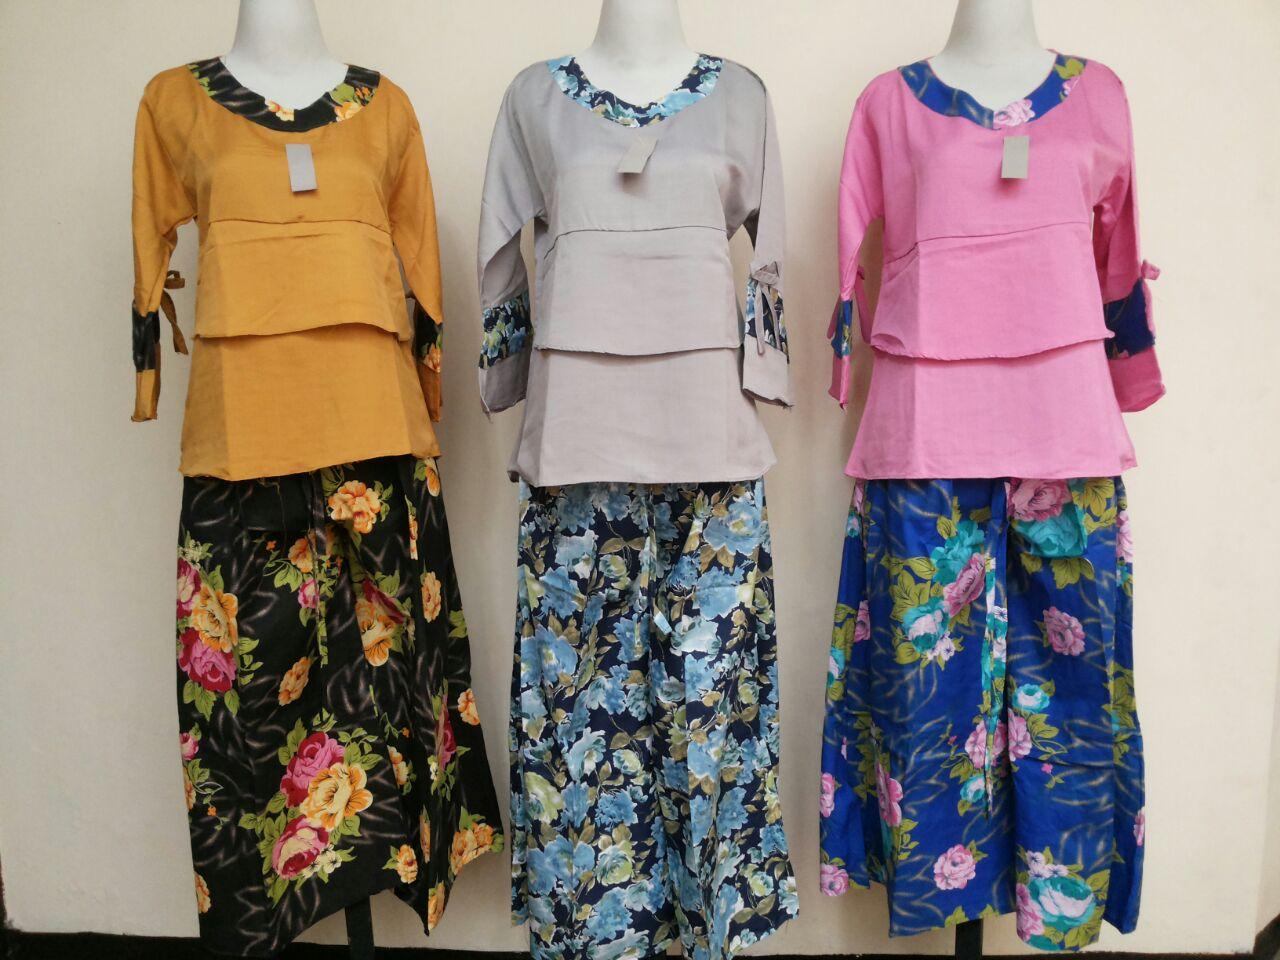 Pusat Grosir Cimahi Grosir Setelan Kulot Wanita Dewasa Termurah Bandung 60Ribu